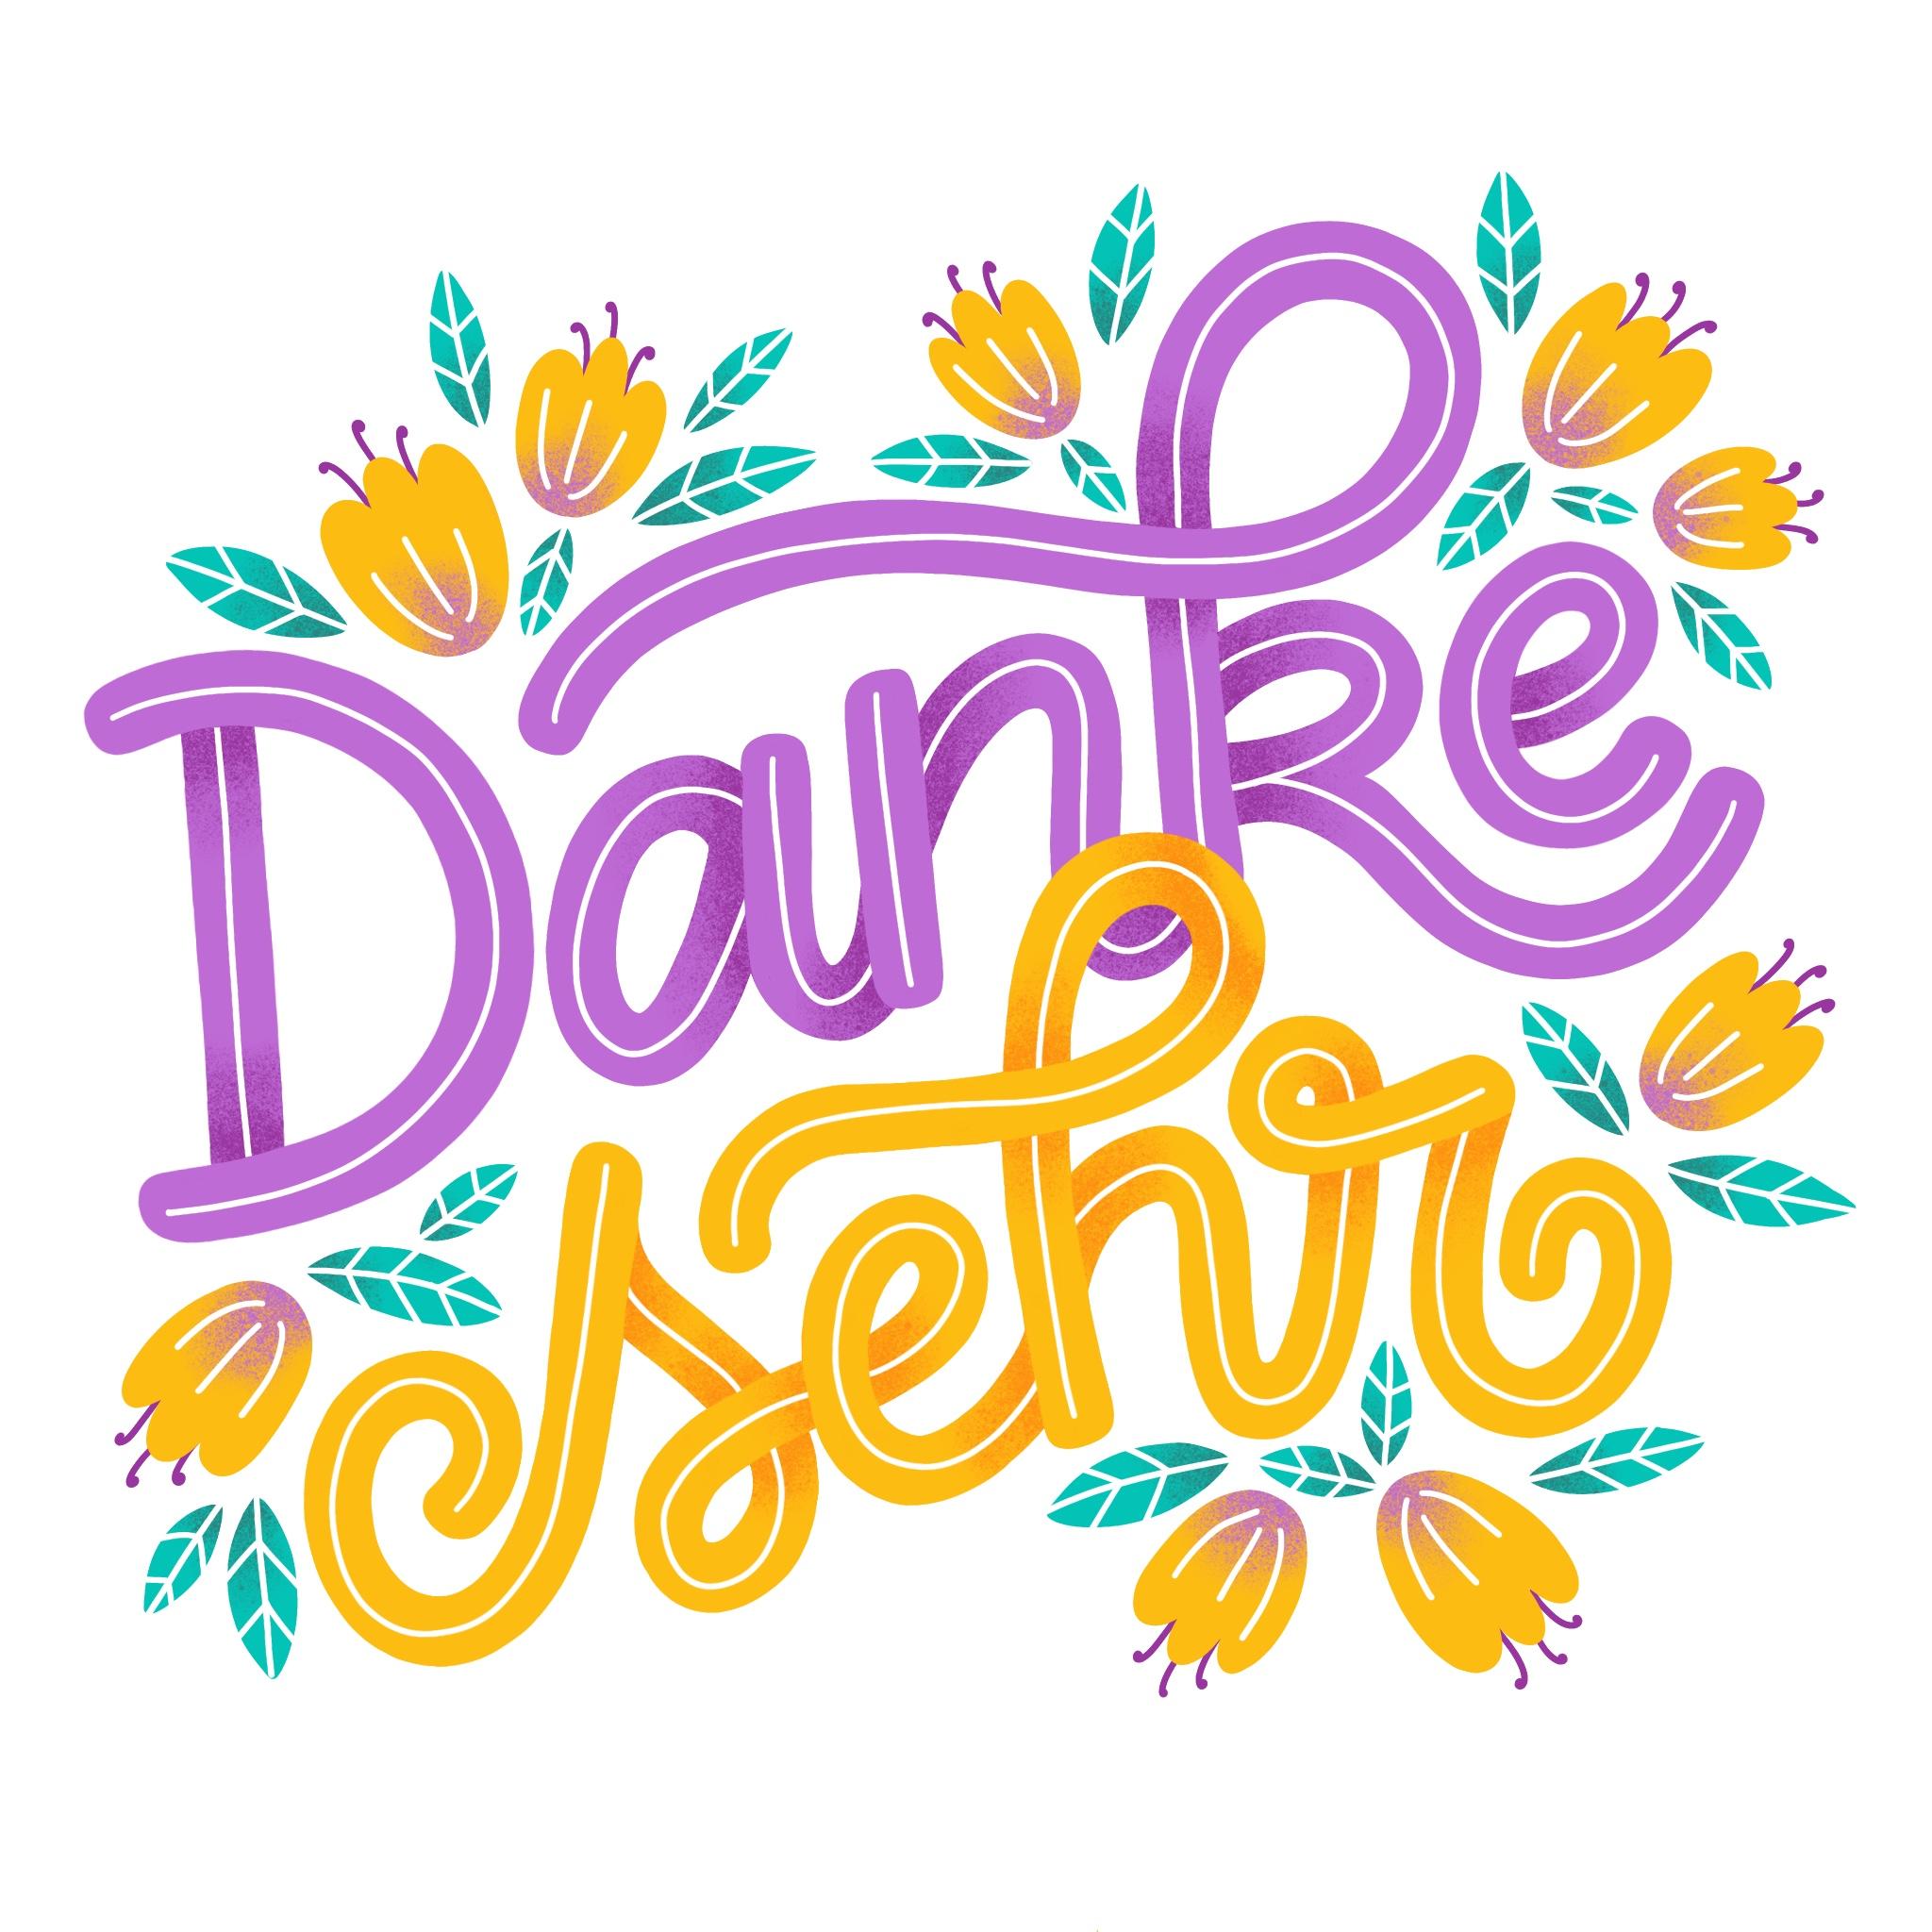 Lettering, Handlettering, design, Typografie, Ipadlettering, ProCreate, Ipad, Ipad Lettering, Digitales Lettering, Letteringdesign, Daun, Eifel, Rheinland-Pfalz